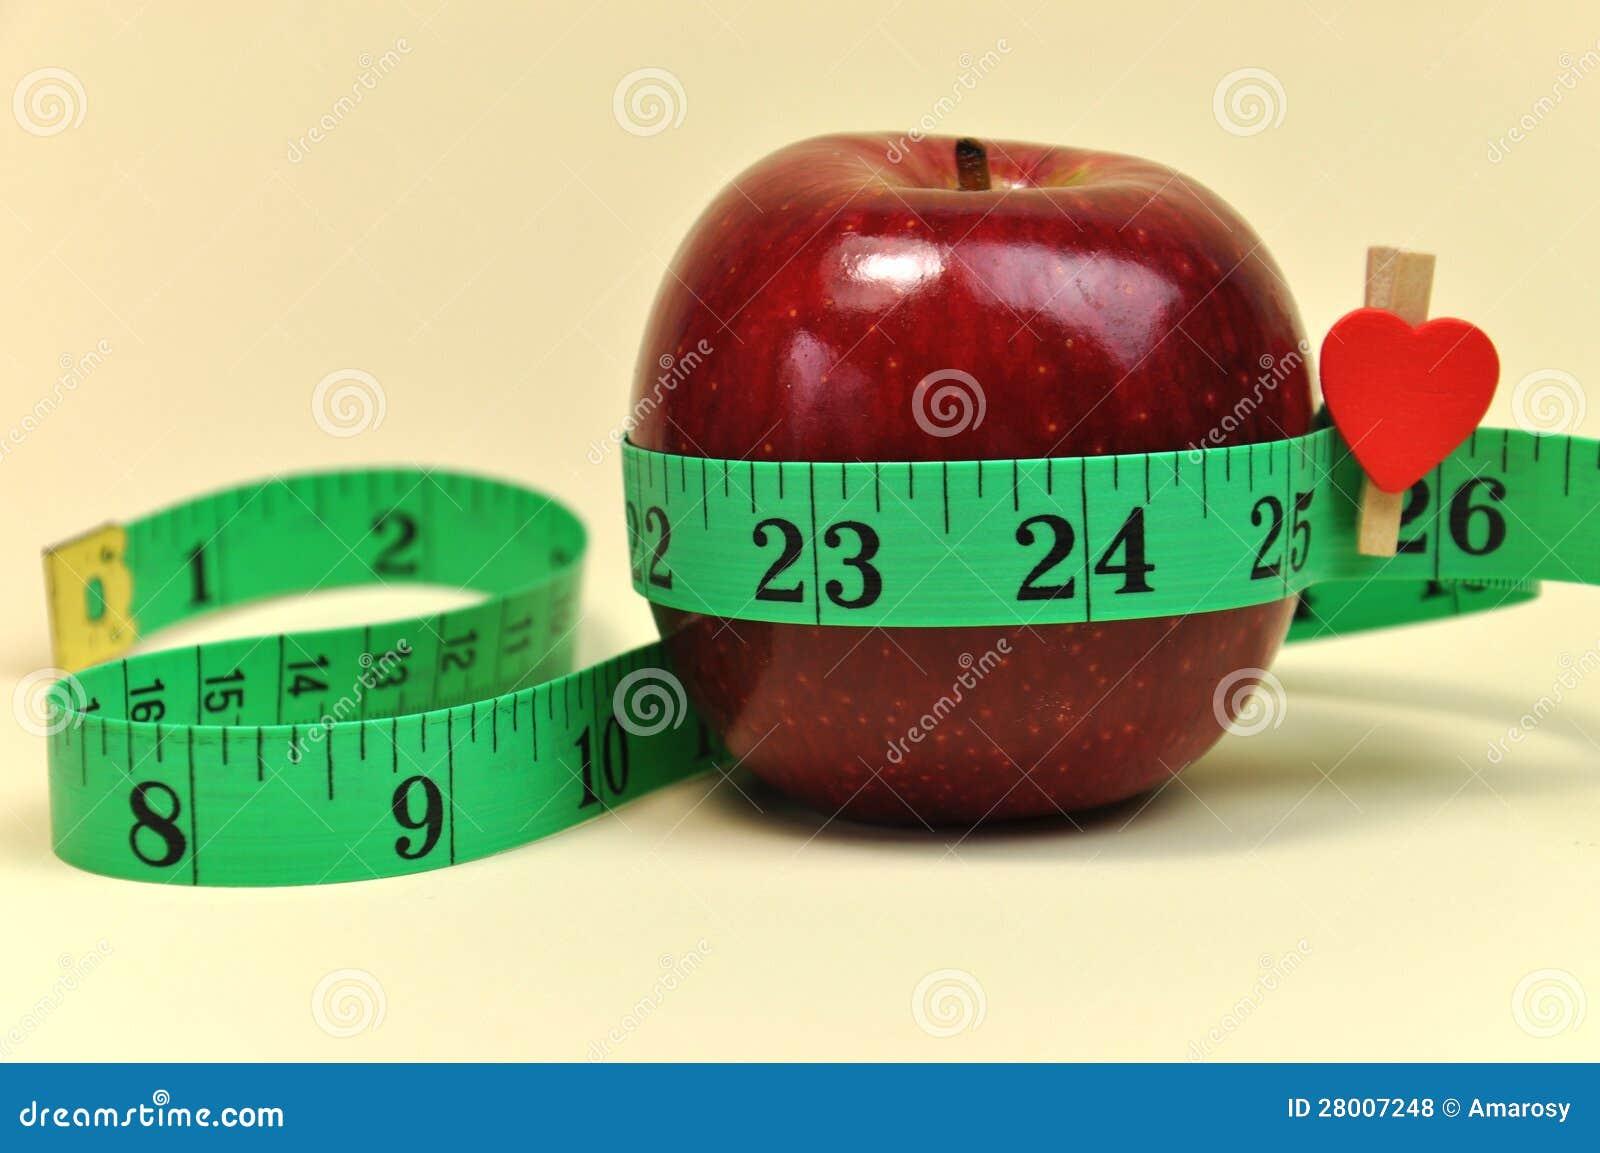 Verlieren Sie Gewichts-neues Jahr-Auflösungs-Ziel-Nahaufnahme